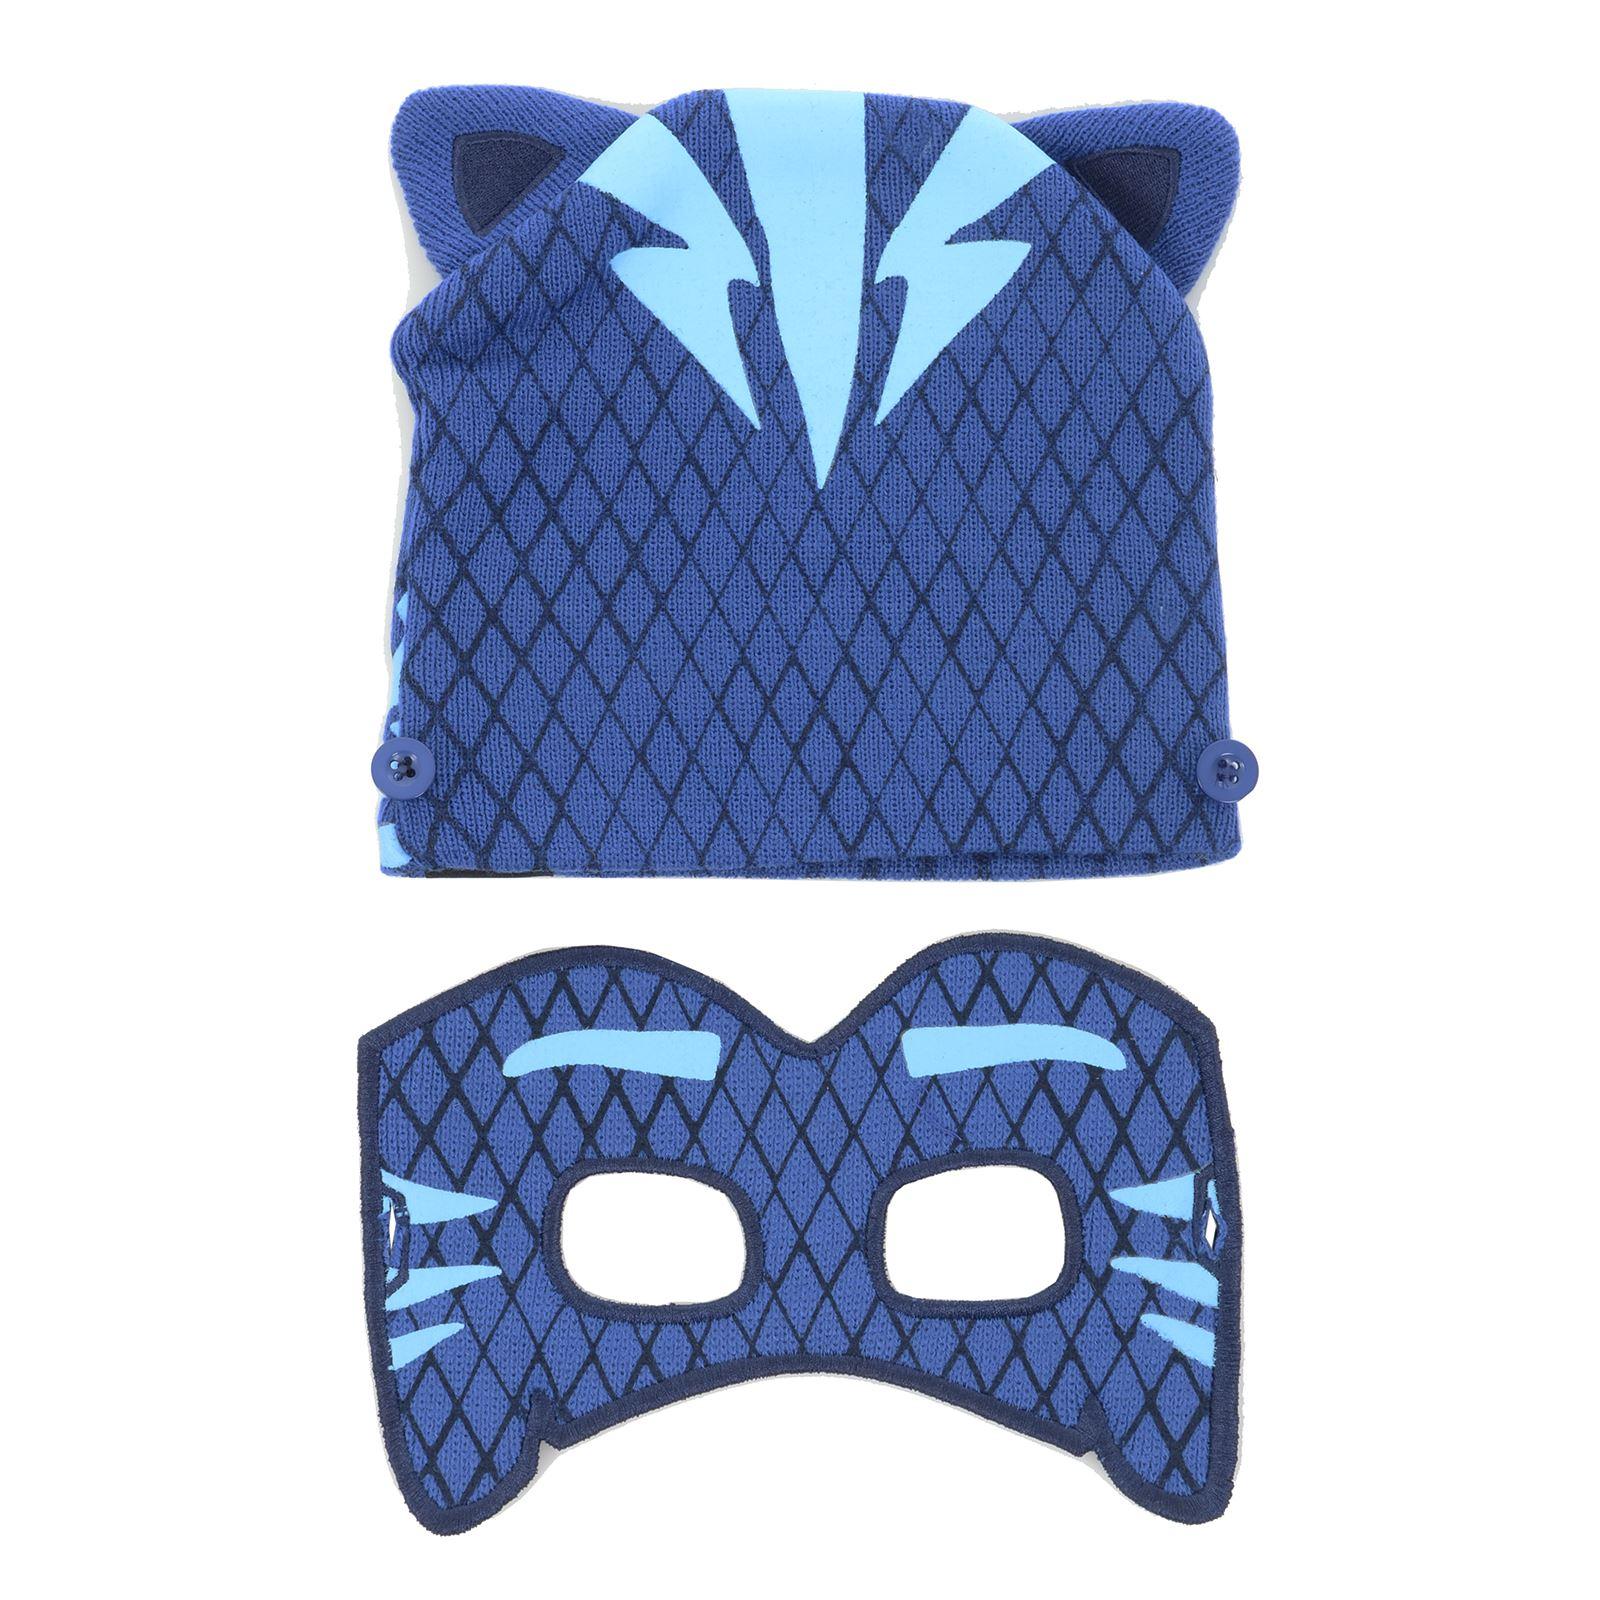 441c3a1d7 Children's Hat With Mask PJ Masks 0191 #s0709271